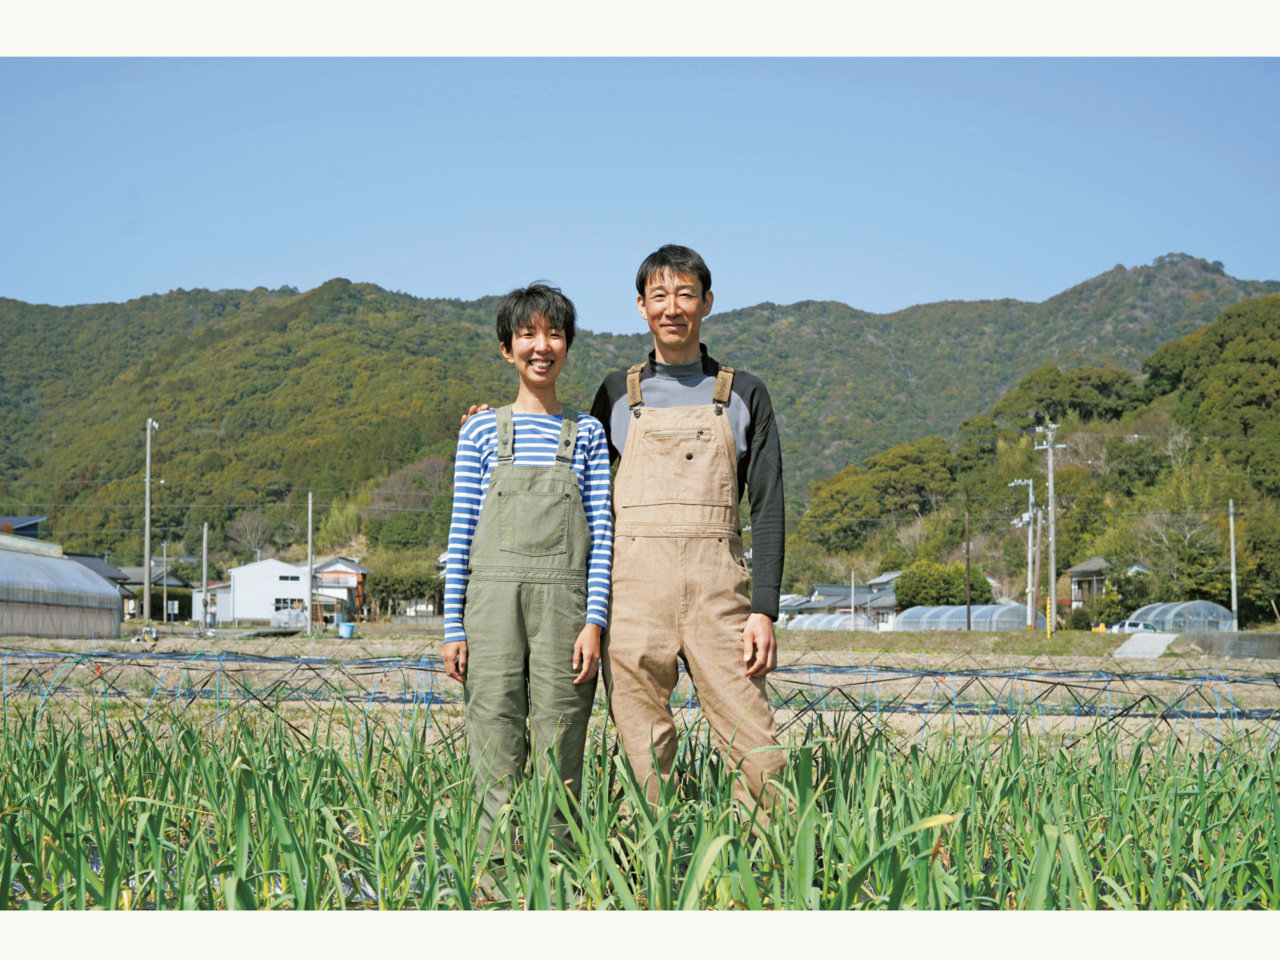 みんなが家族になれる場所。豊かな自然が育む、高知県であたたかな暮らし。